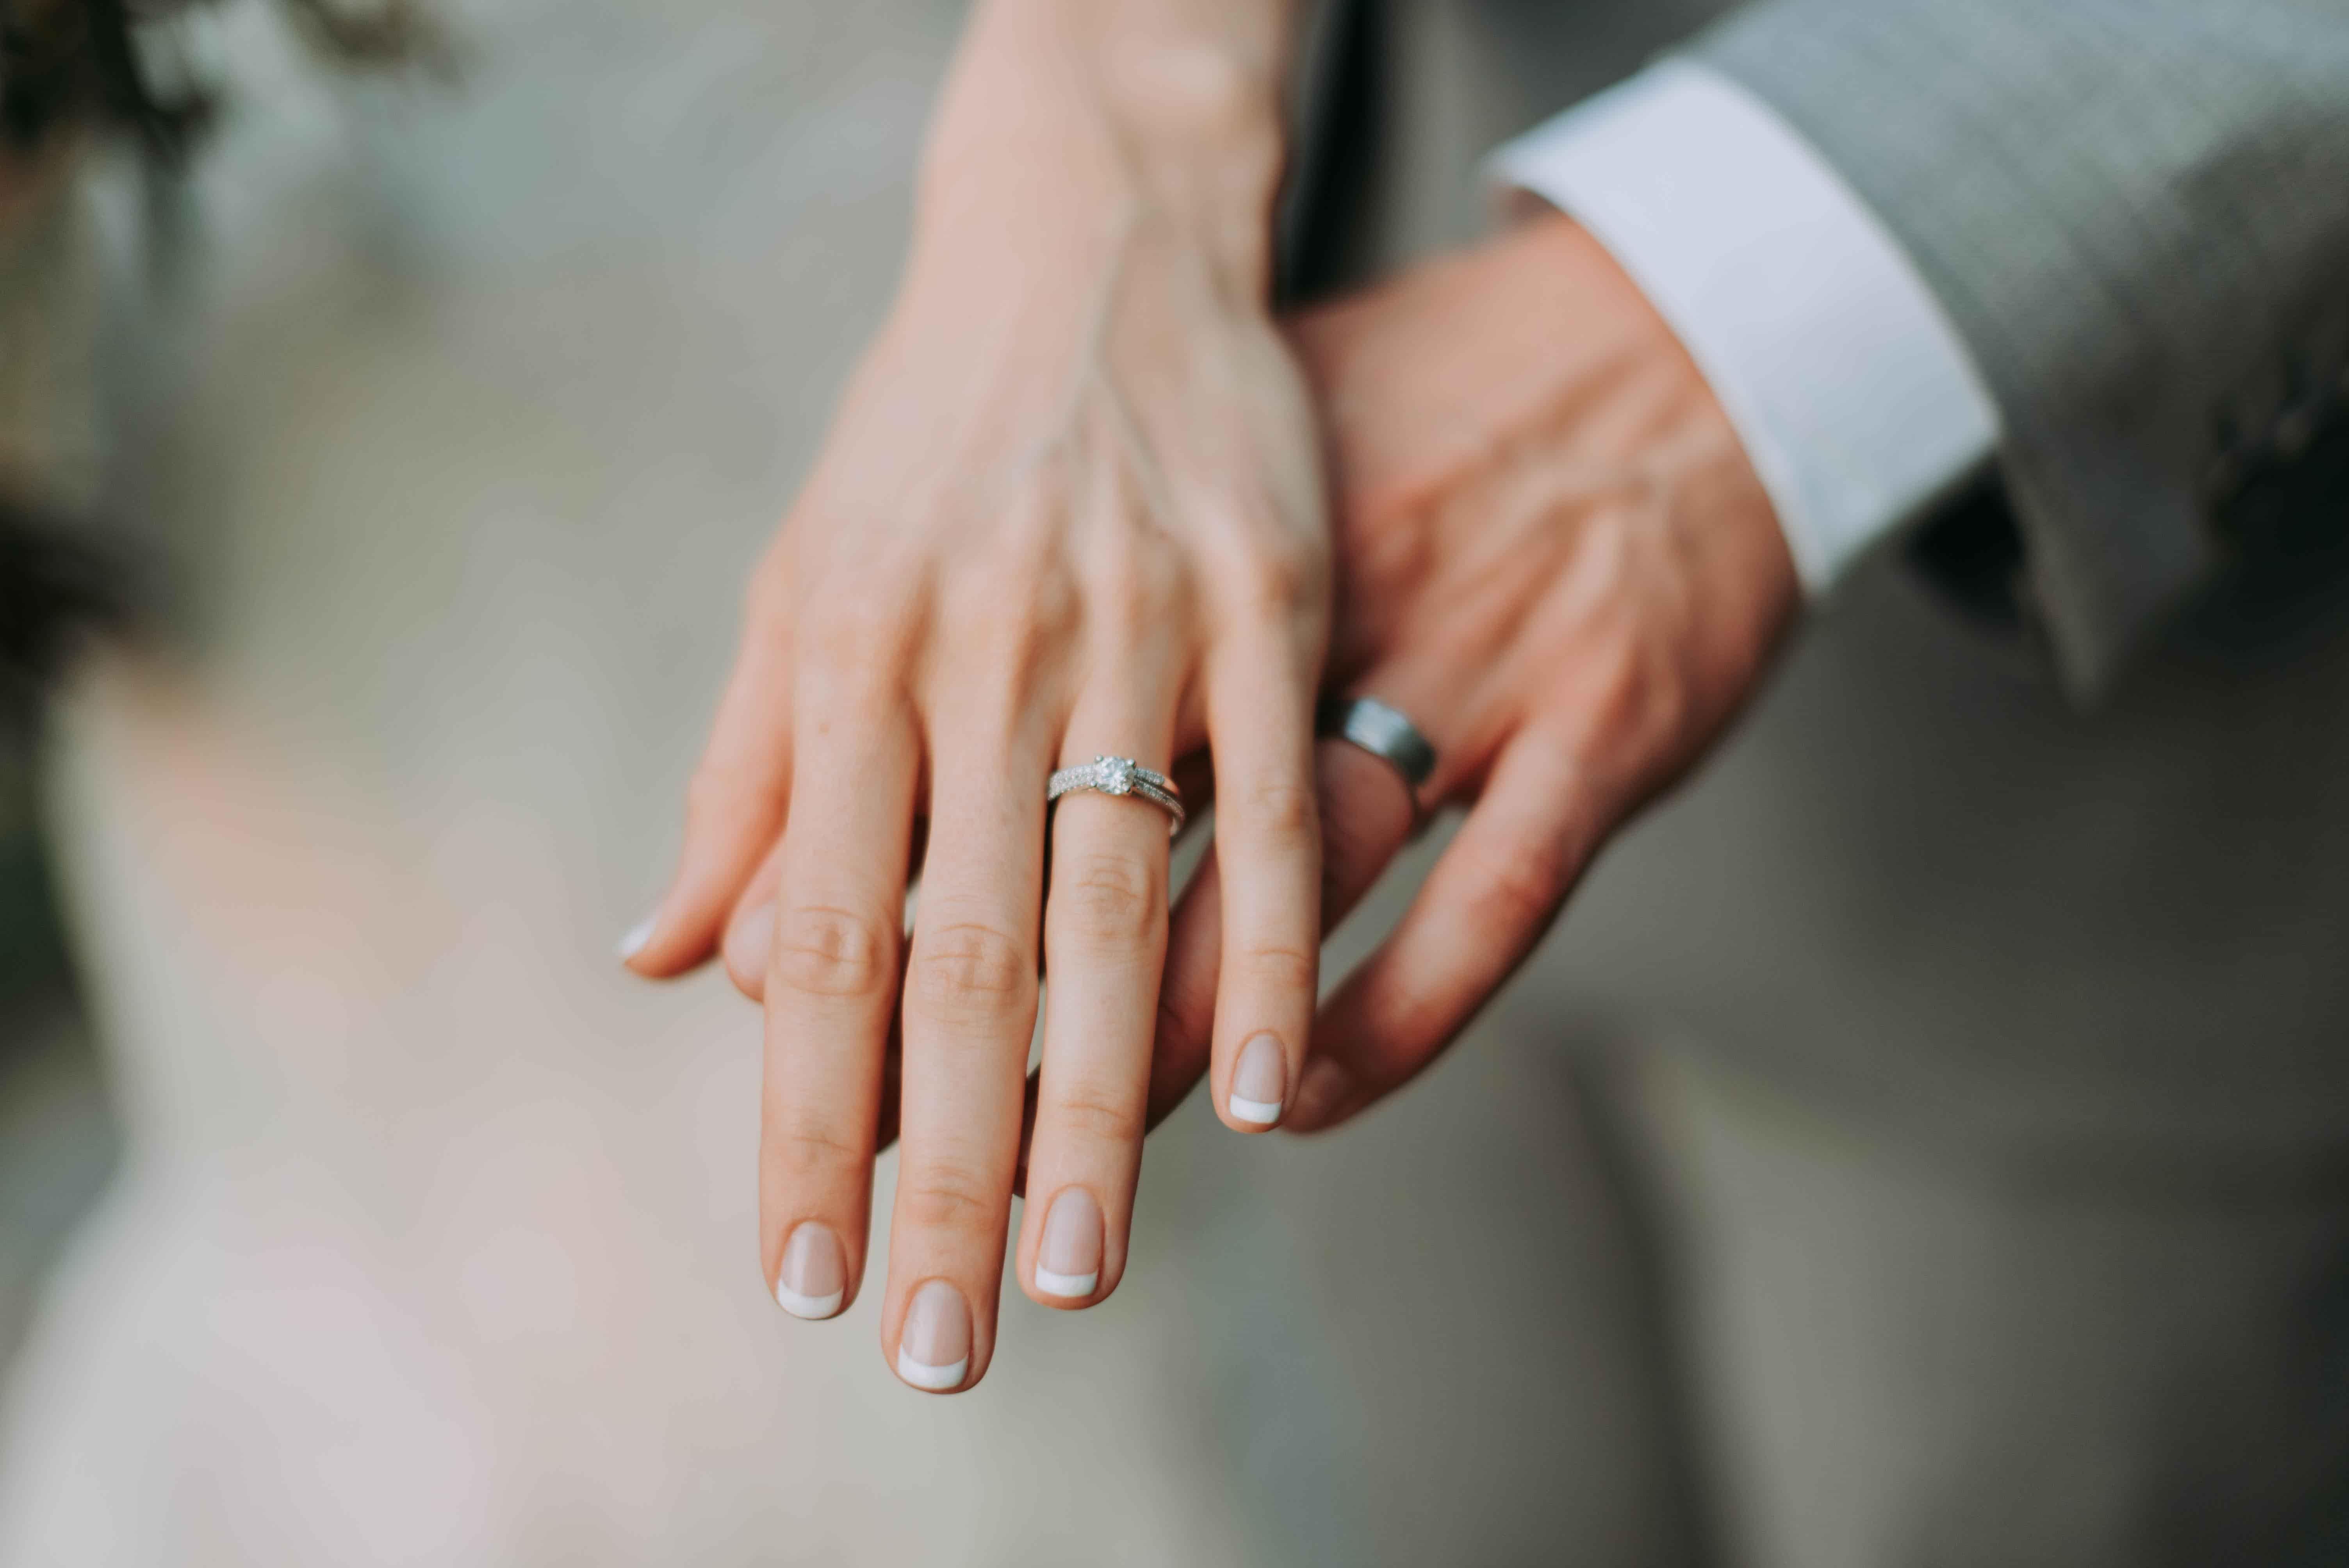 年収200万円の結婚は不自由なのか